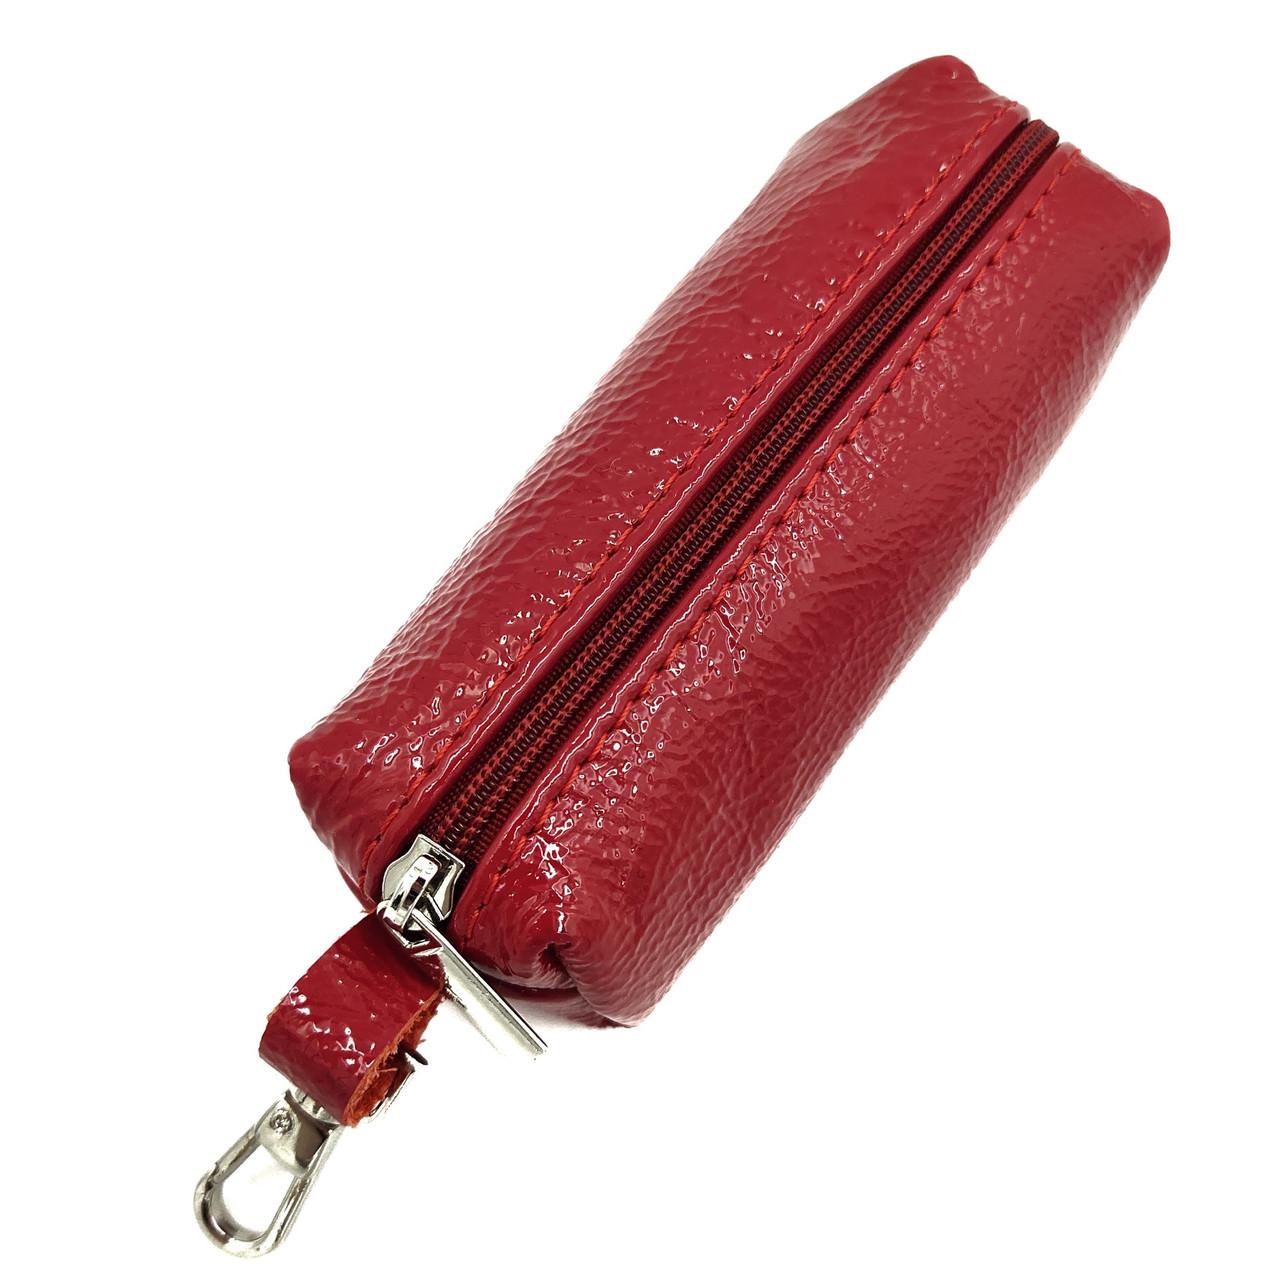 Ключница кожаная красный Китай Арт.мешок 3 Balisa (Китай)